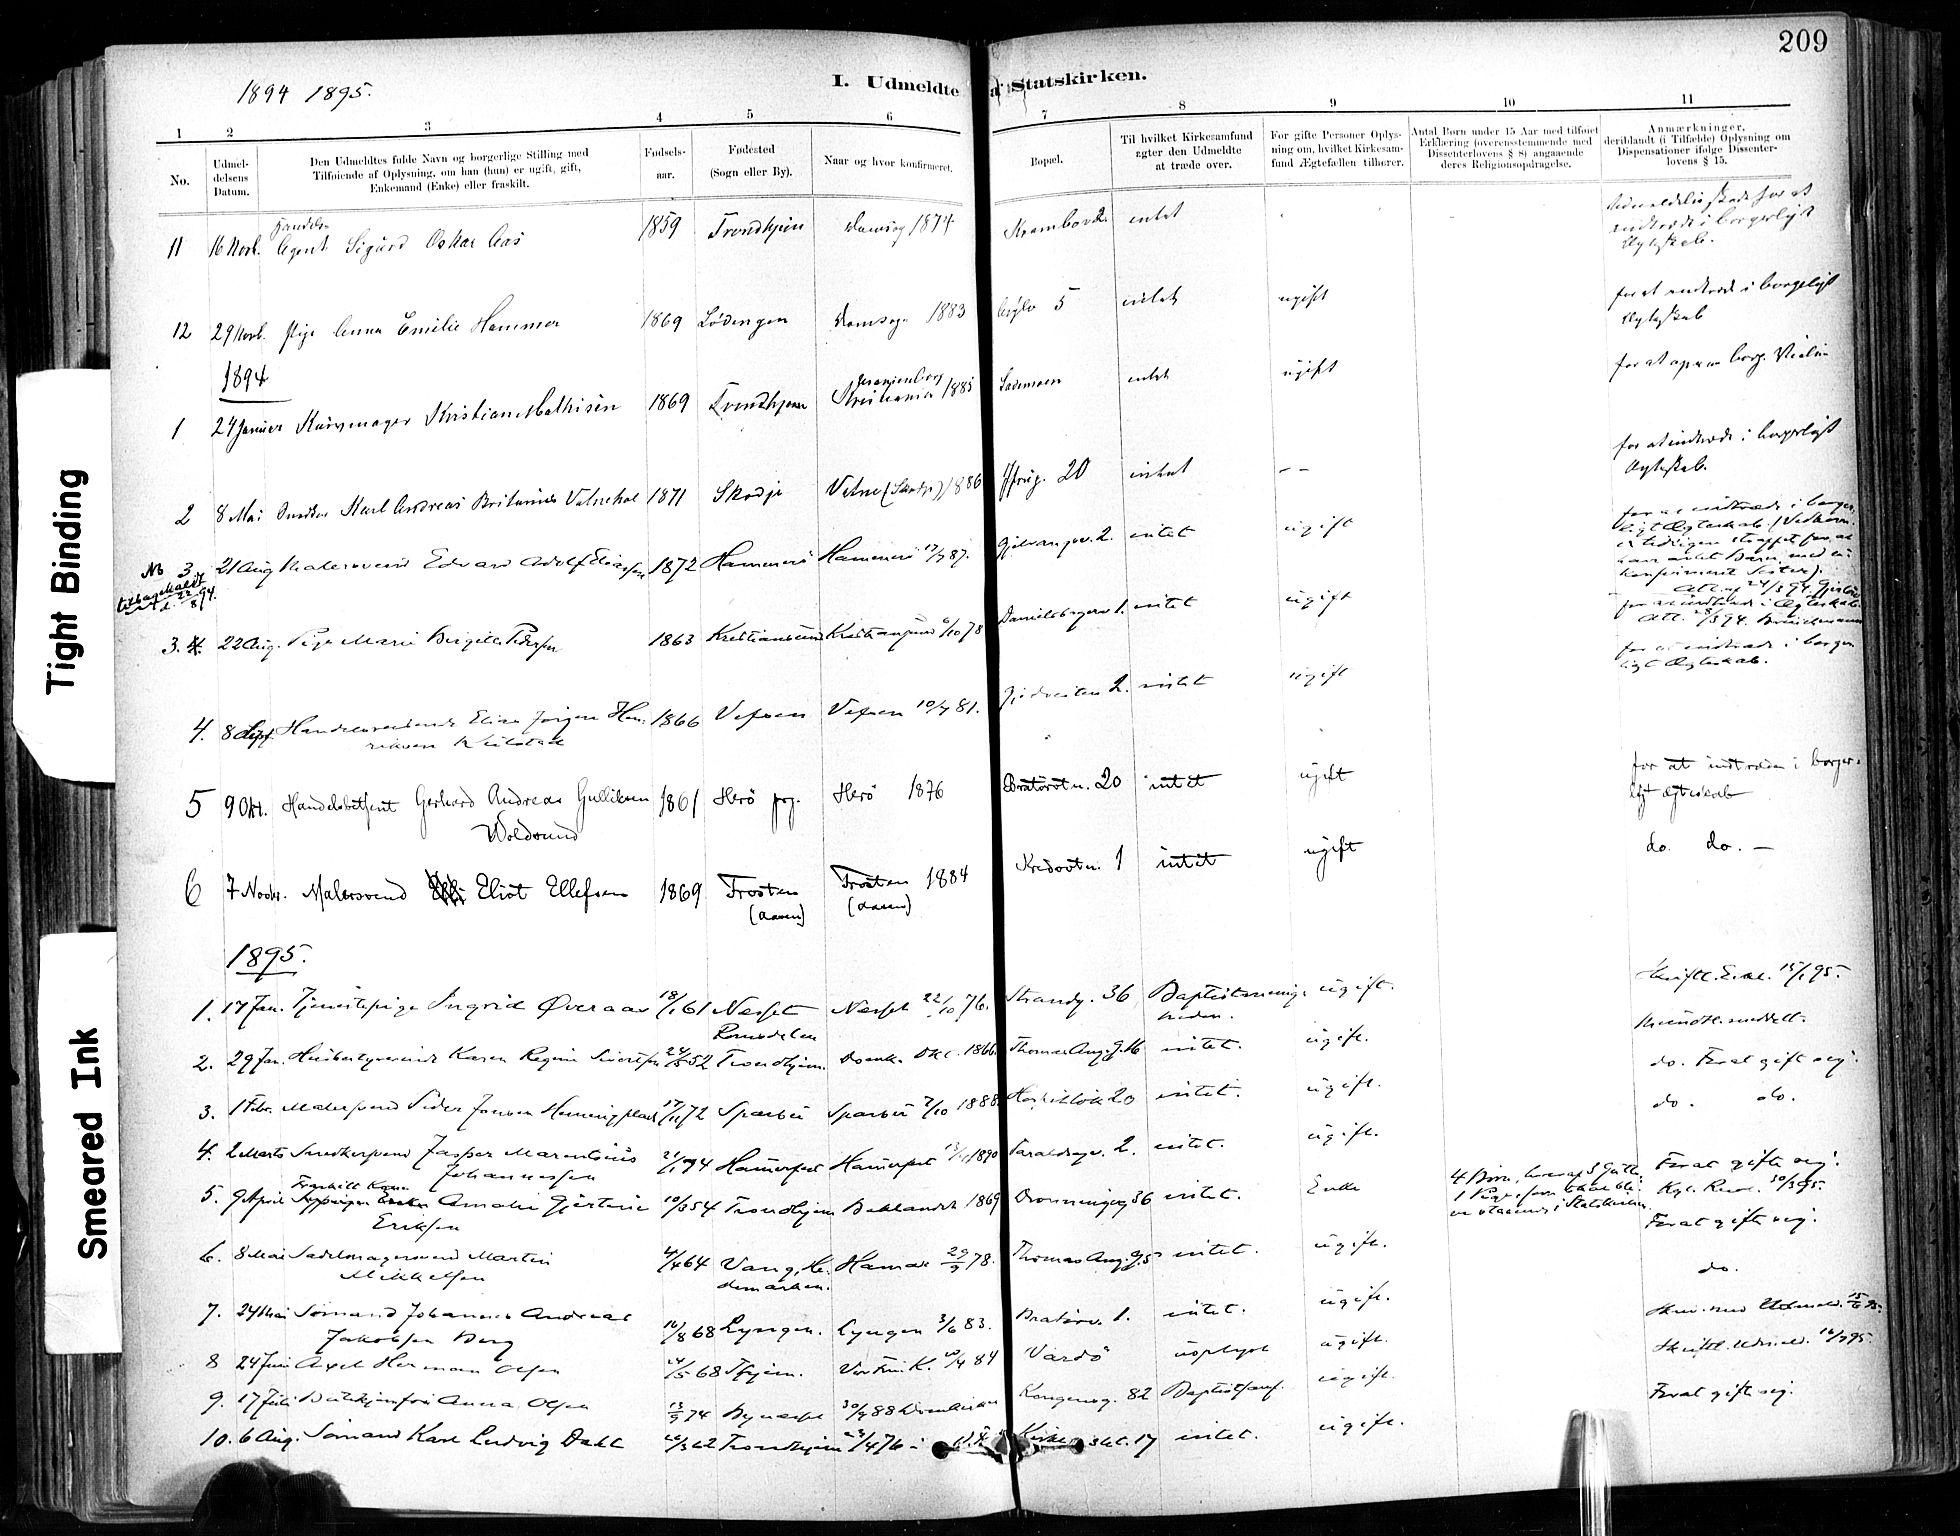 SAT, Ministerialprotokoller, klokkerbøker og fødselsregistre - Sør-Trøndelag, 602/L0120: Ministerialbok nr. 602A18, 1880-1913, s. 209